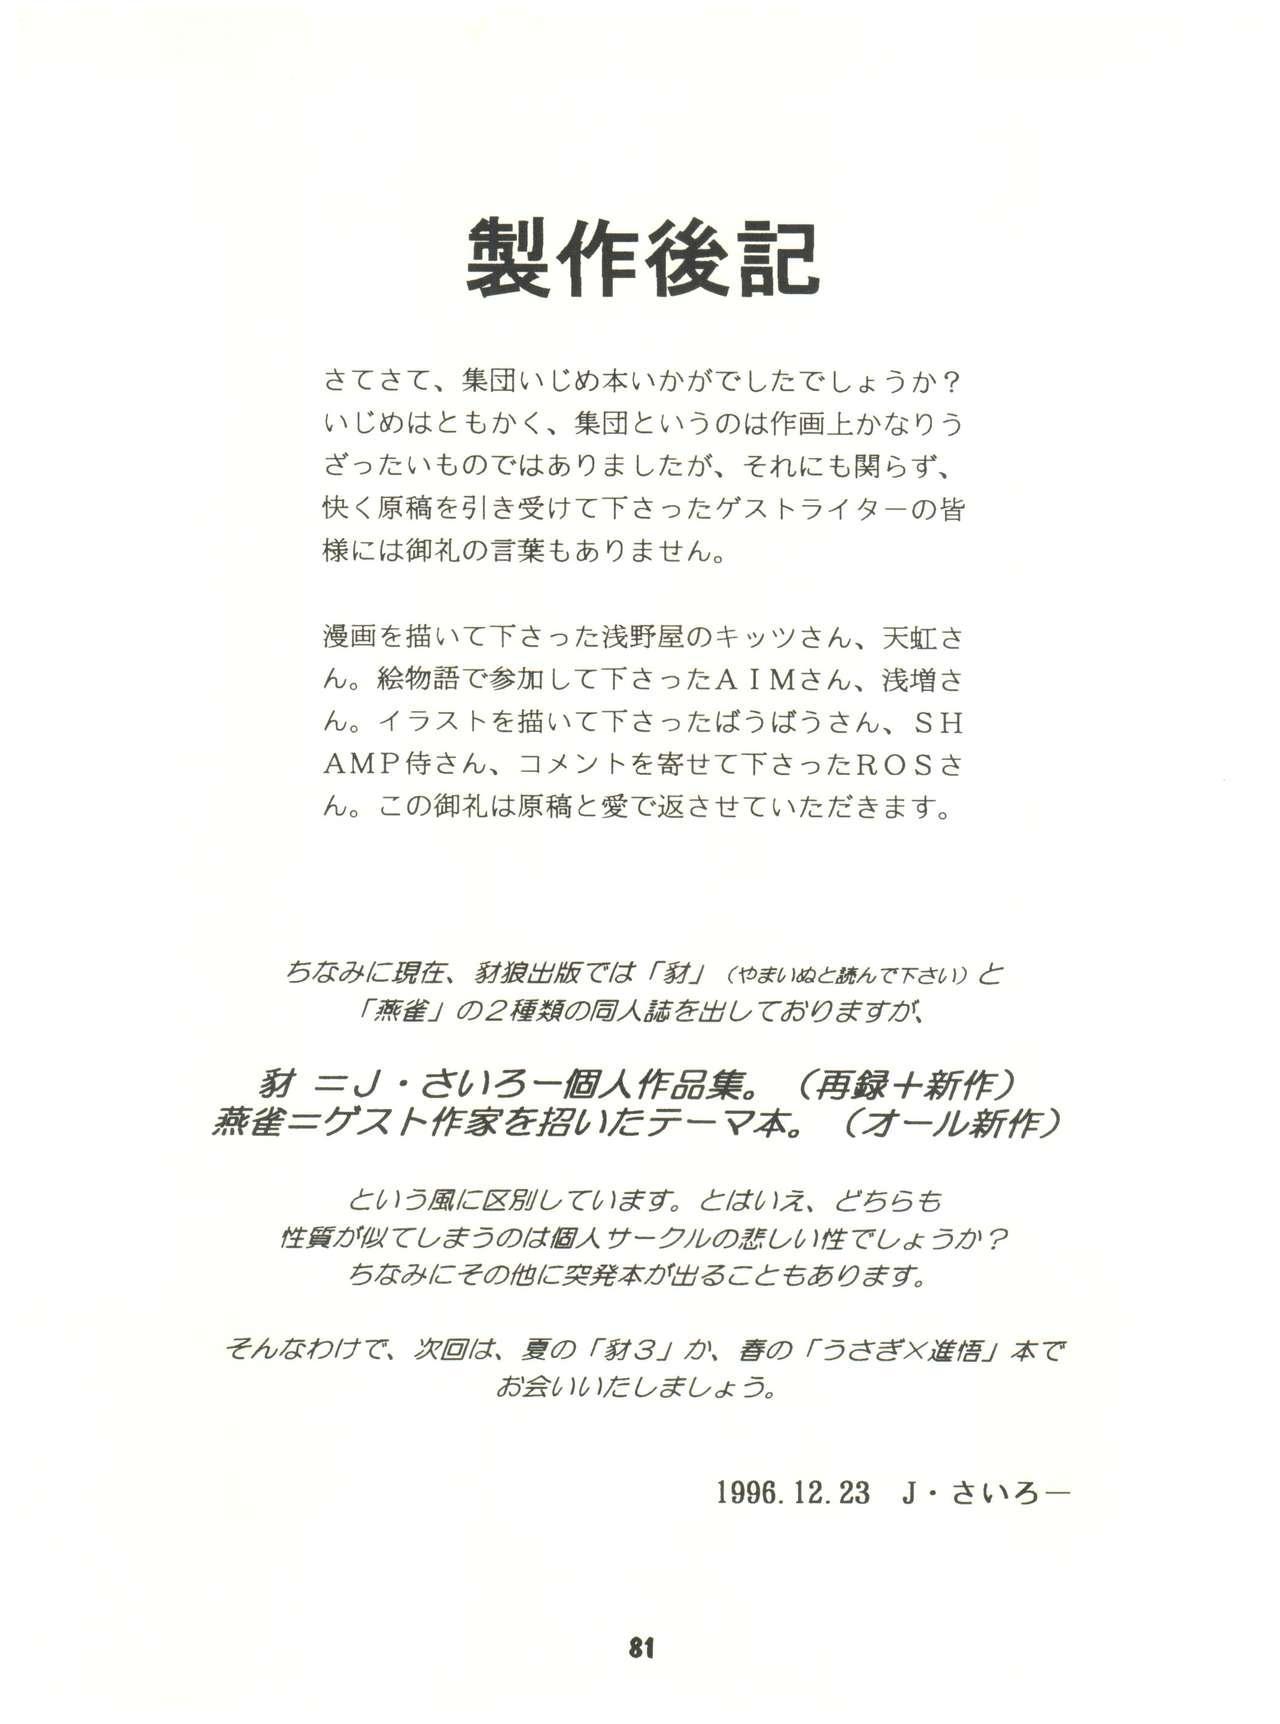 [Sairo Publishing (J. Sairo) En-Jack 2 (Various) 80